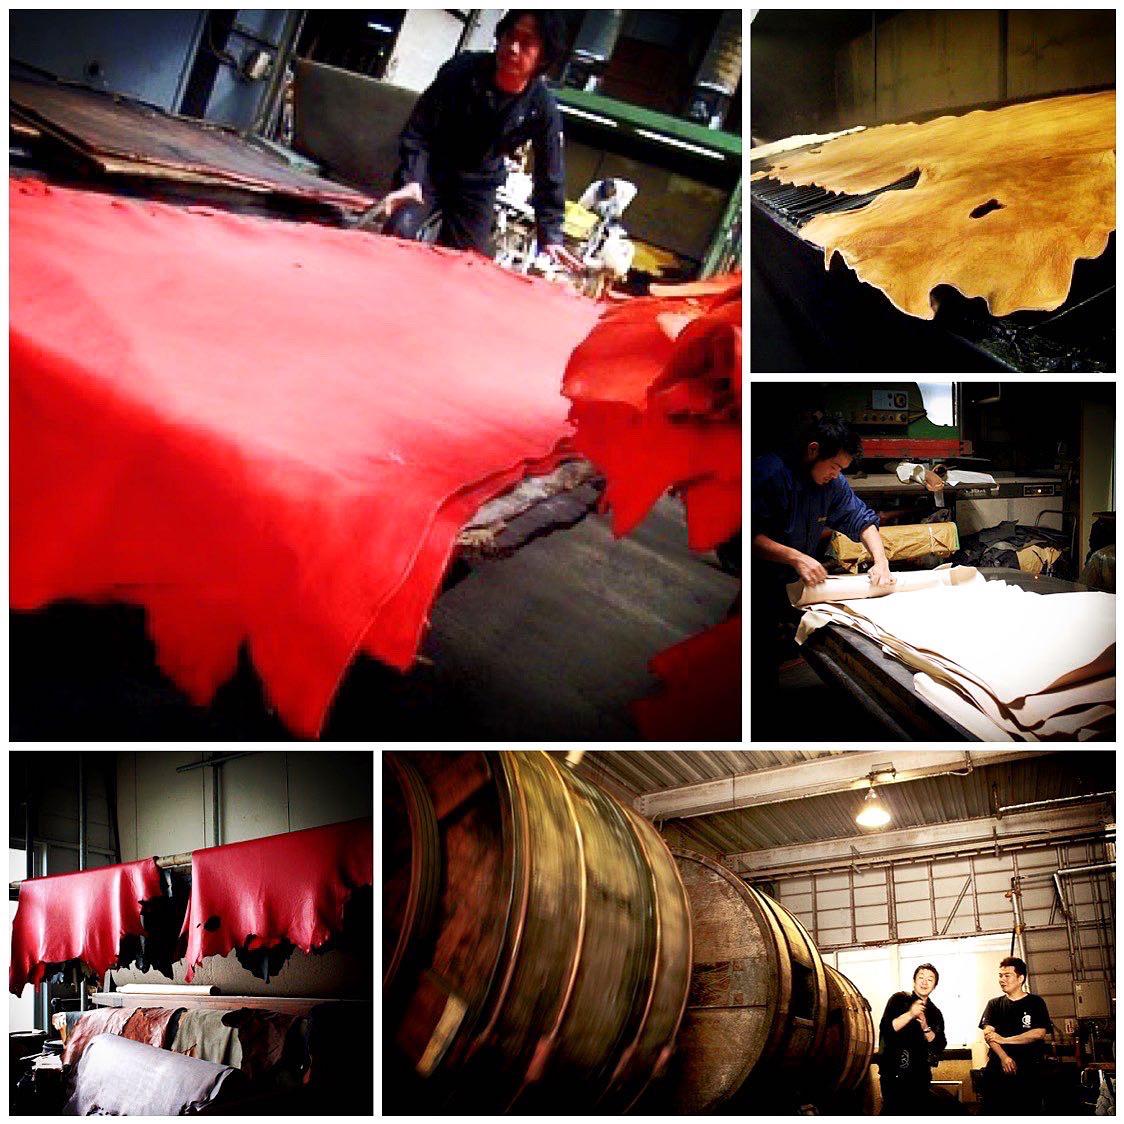 """""""原皮""""から""""革""""に変化させる大切な工程の一部。使い慣らされた数メートルもある大きな木製のタンクを使い丁寧に長い時間を掛けて肌に馴染む、心地の良い革に作り上げていきます。"""